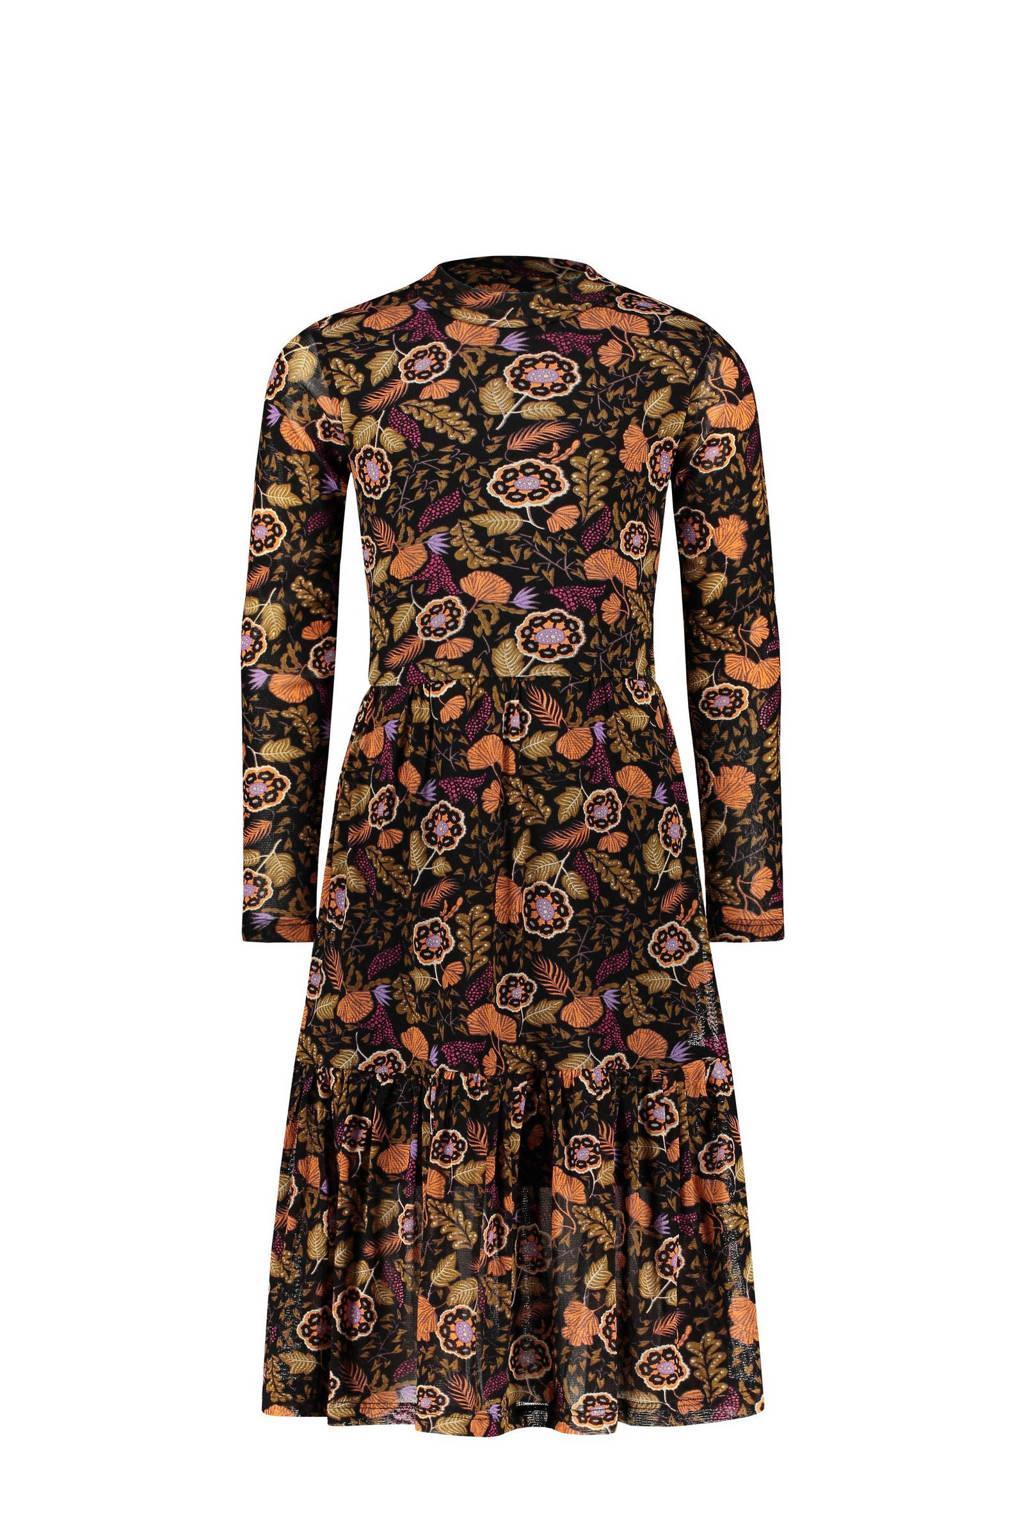 Street called Madison gebloemde jurk zwart/bruin/oranje, Zwart/bruin/oranje